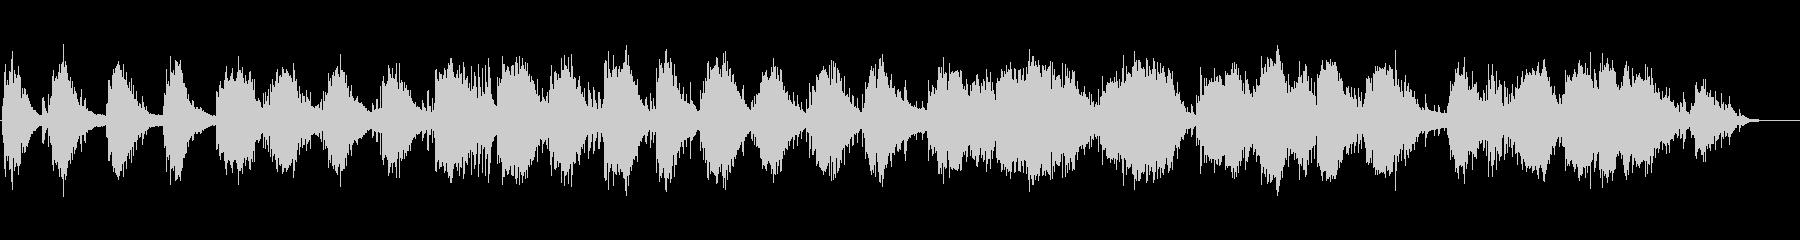 ピアノ即興によるヒーリングミュージックの未再生の波形